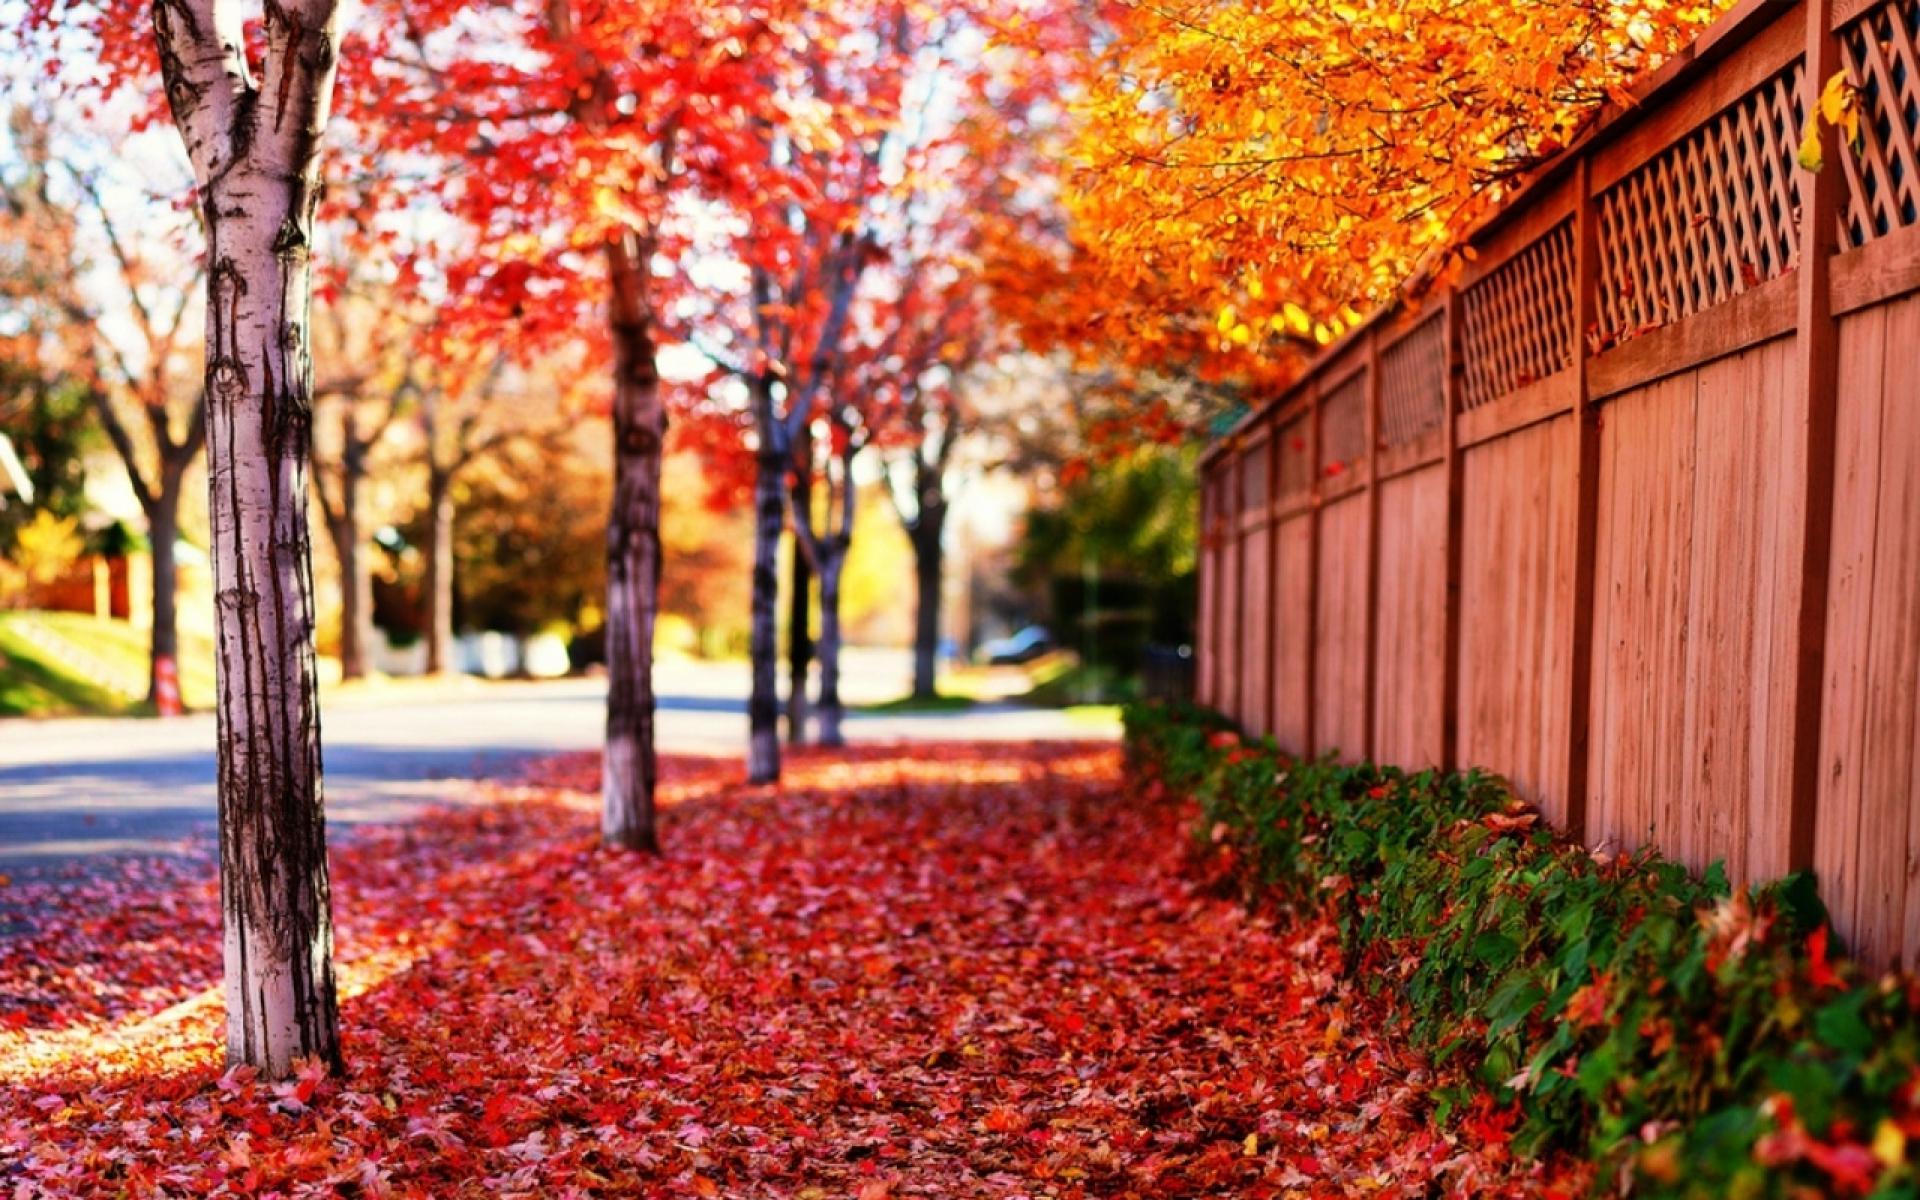 Falling Leaves Live Wallpaper Download Desktop Wallpaper Hd Full Screen Nature